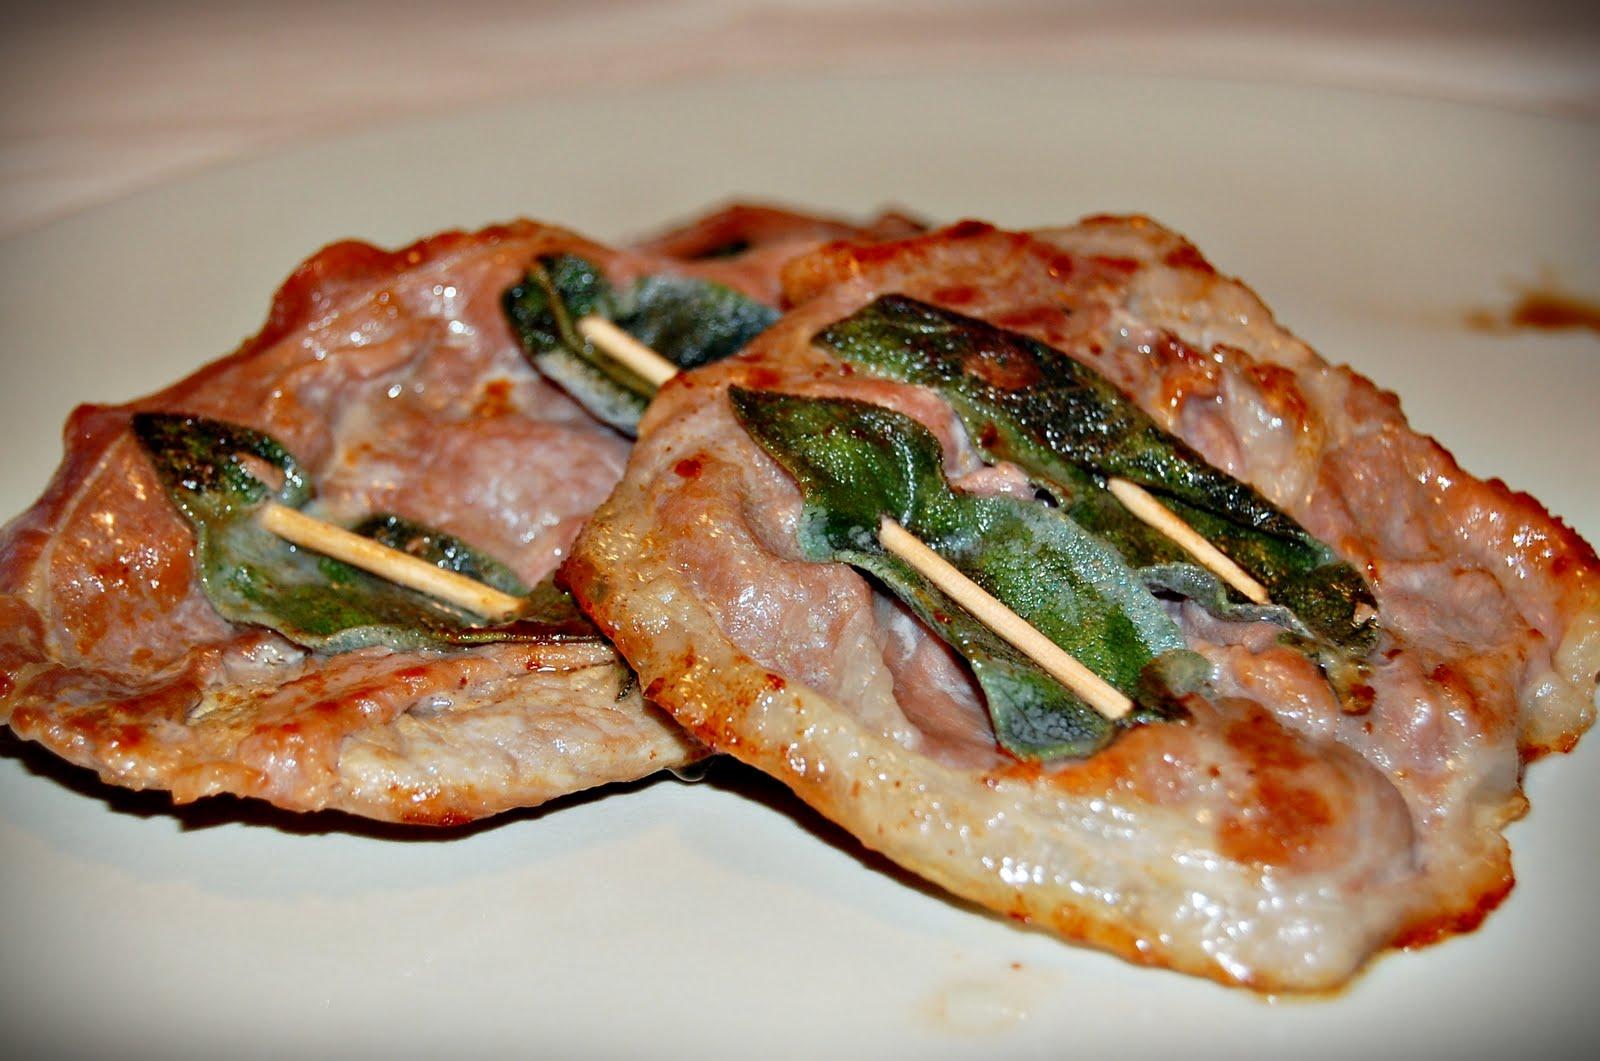 Secondi piatti padella in tavola for Secondi piatti romani